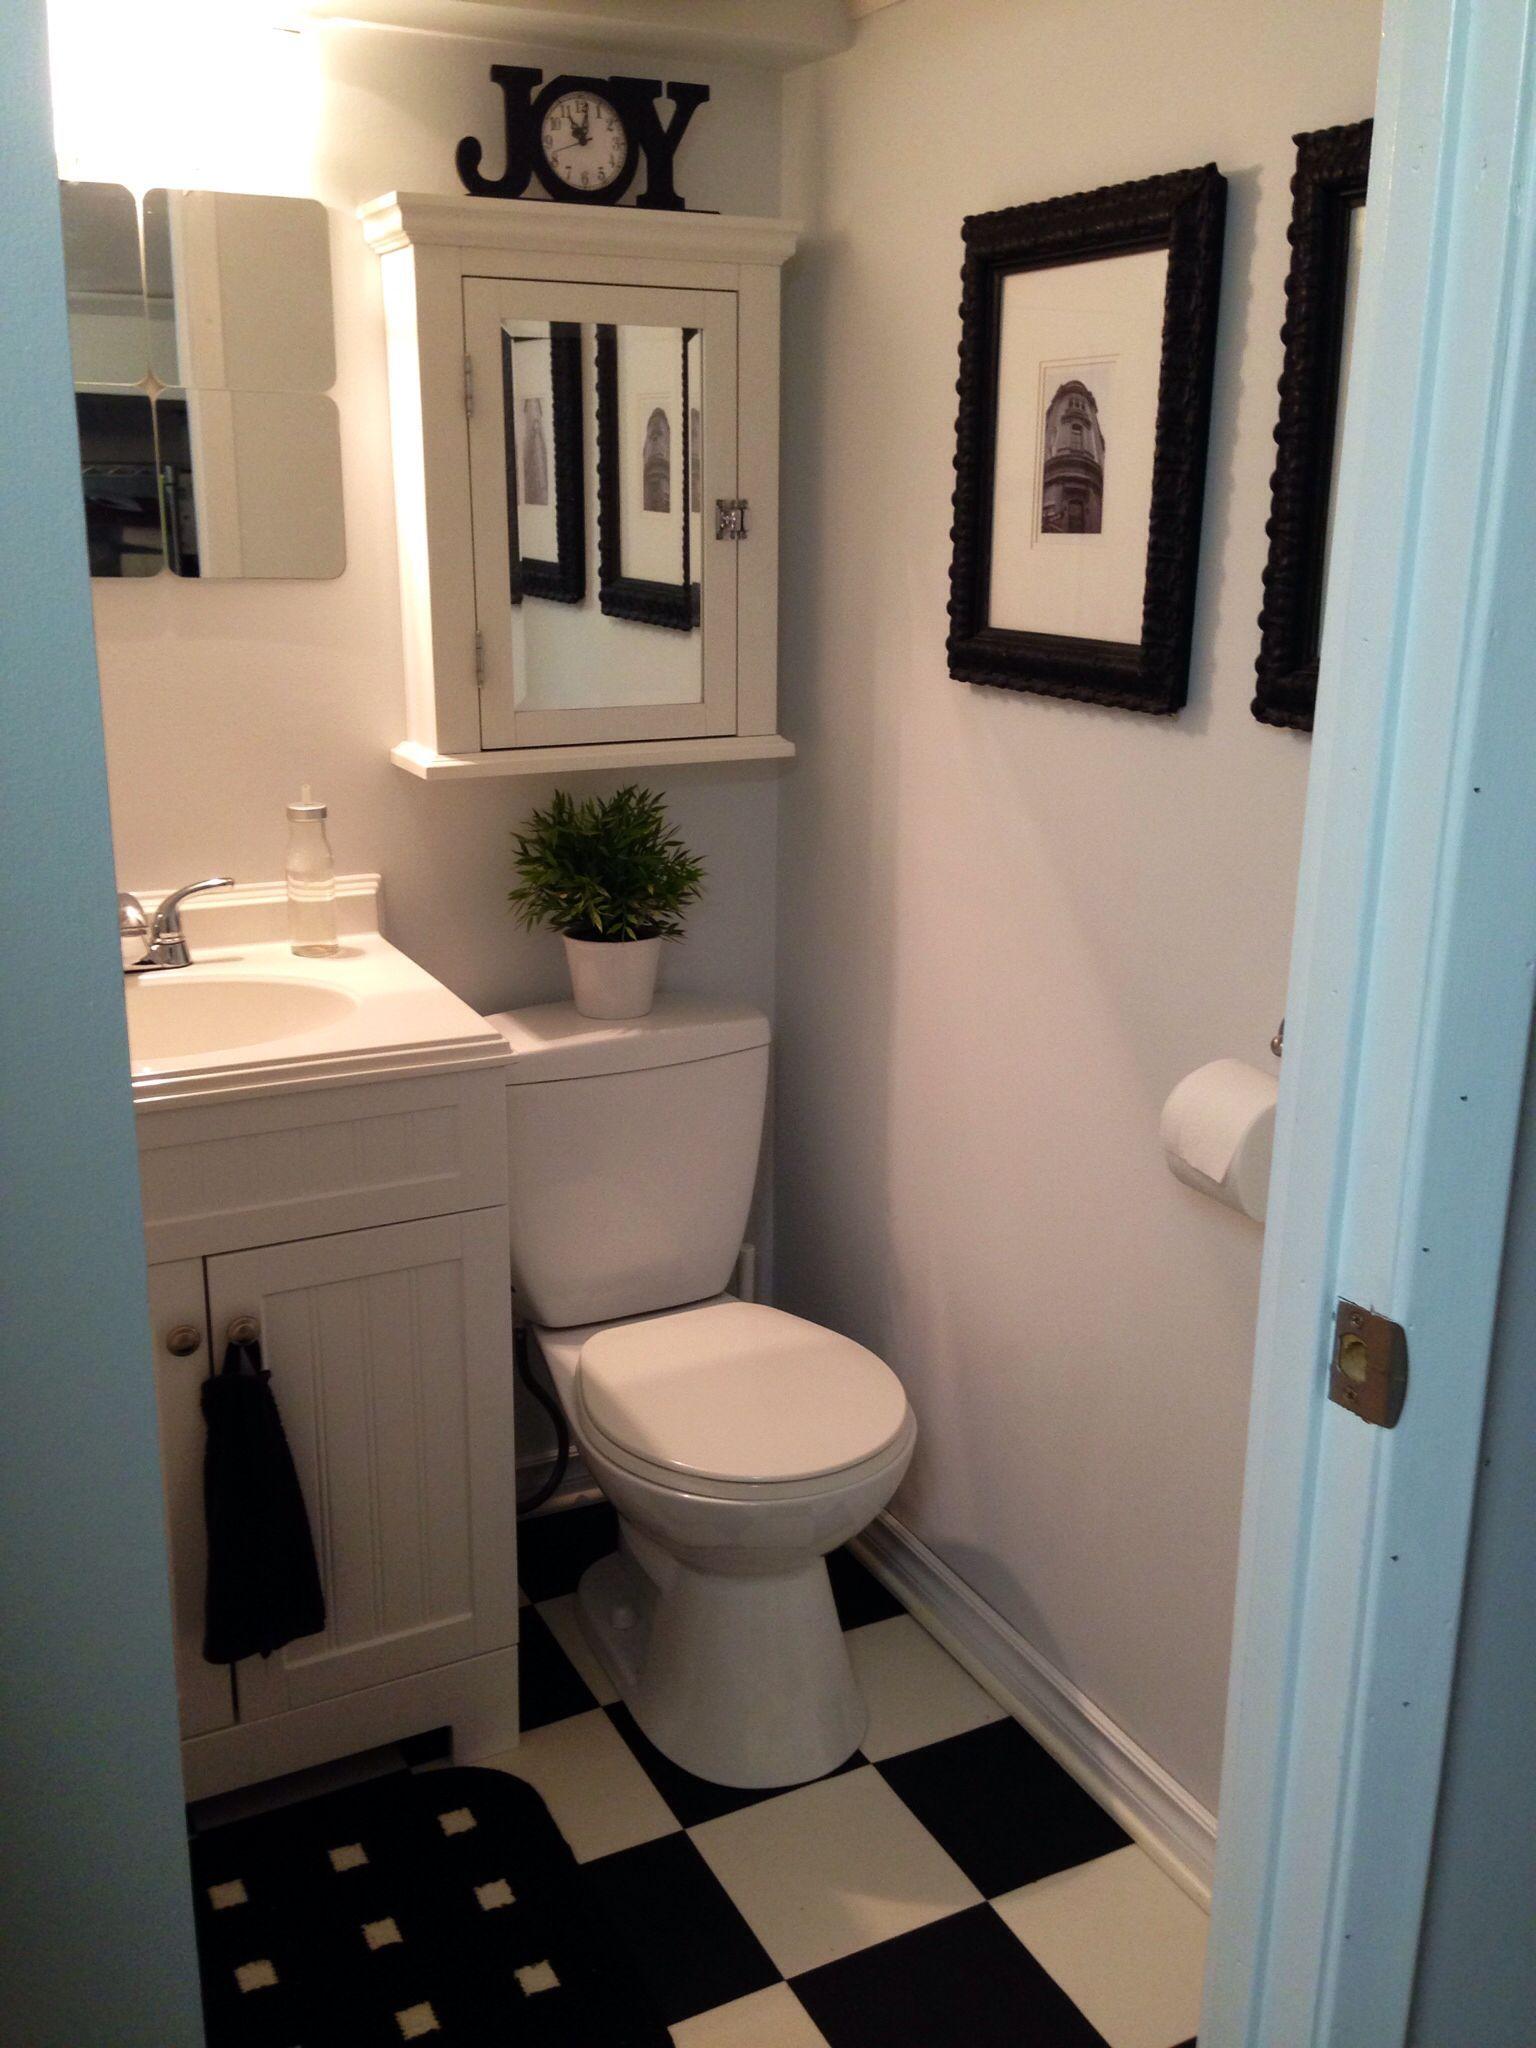 All New Small Bathroom Ideas Pinterest Home Decor Home Decor Ideas Home Decor Painting Home Dec Small Bathroom Decor Bathroom Decor Apartment Bathroom Decor